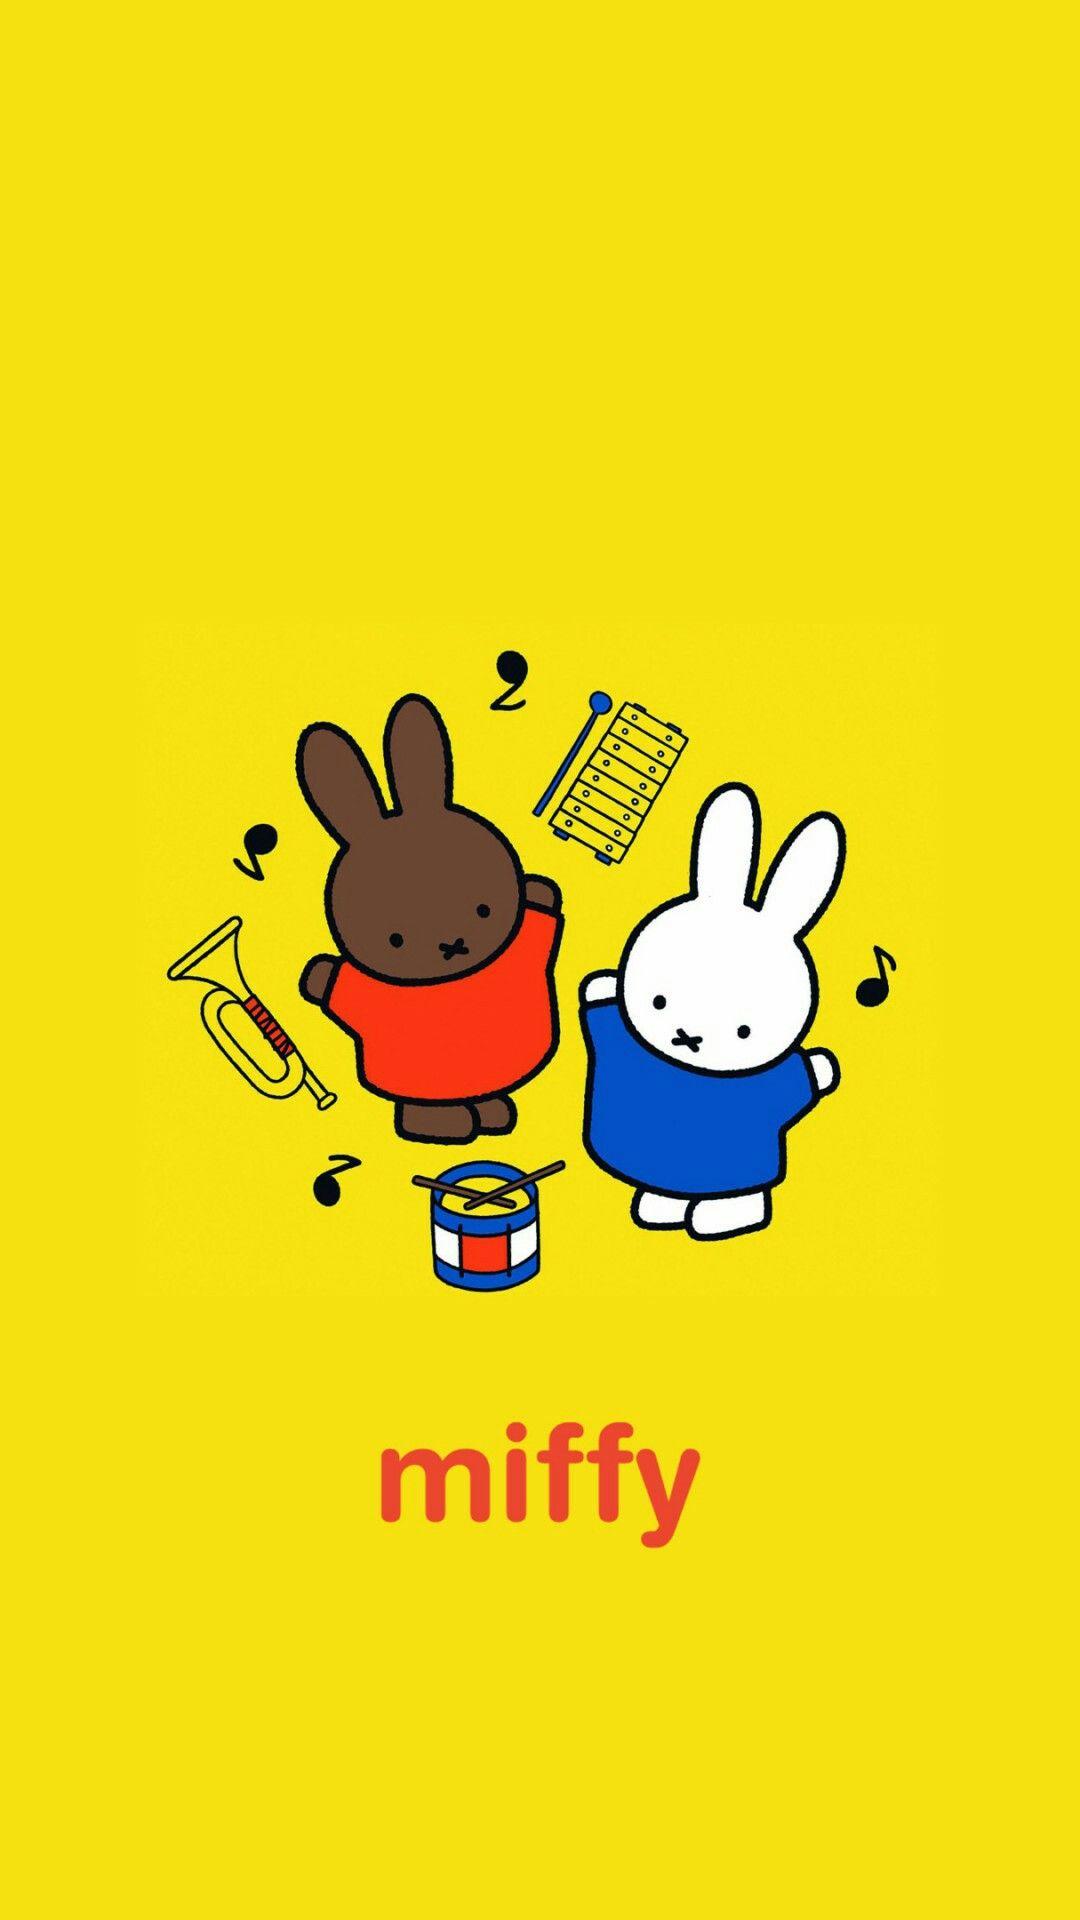 ミッフィー イラスト Miffy の画像 投稿者 Lola Lai さん